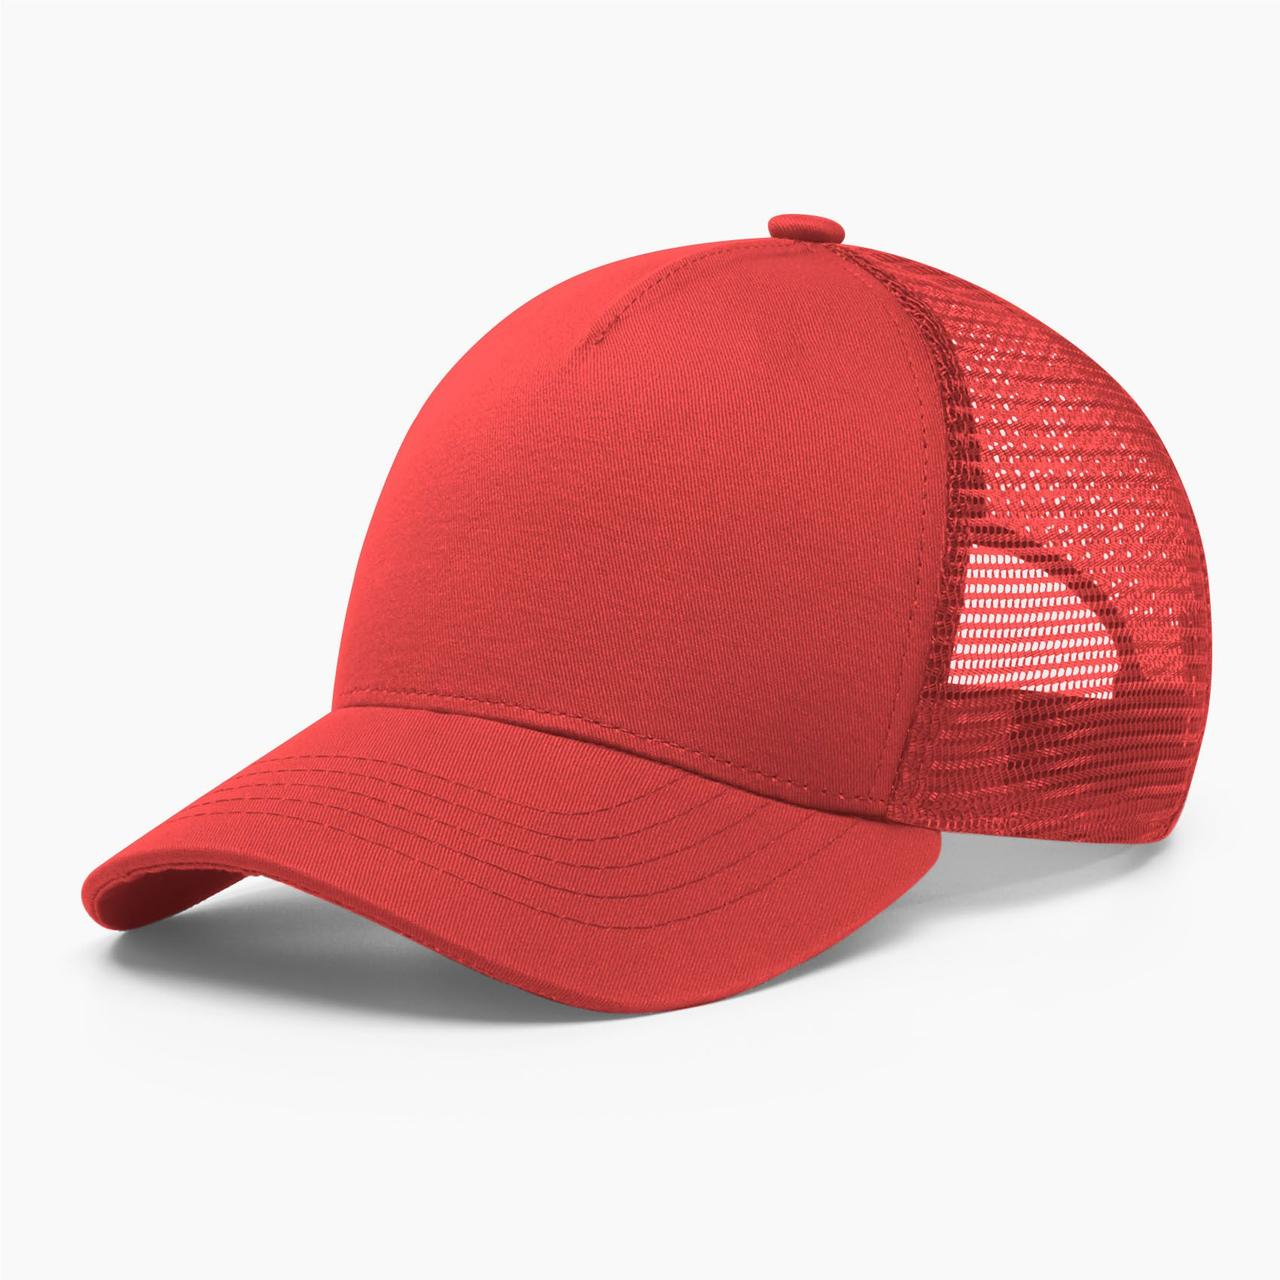 Кепка бейсболка Тракер INAL blank S / 53-54 RU Красный 203953